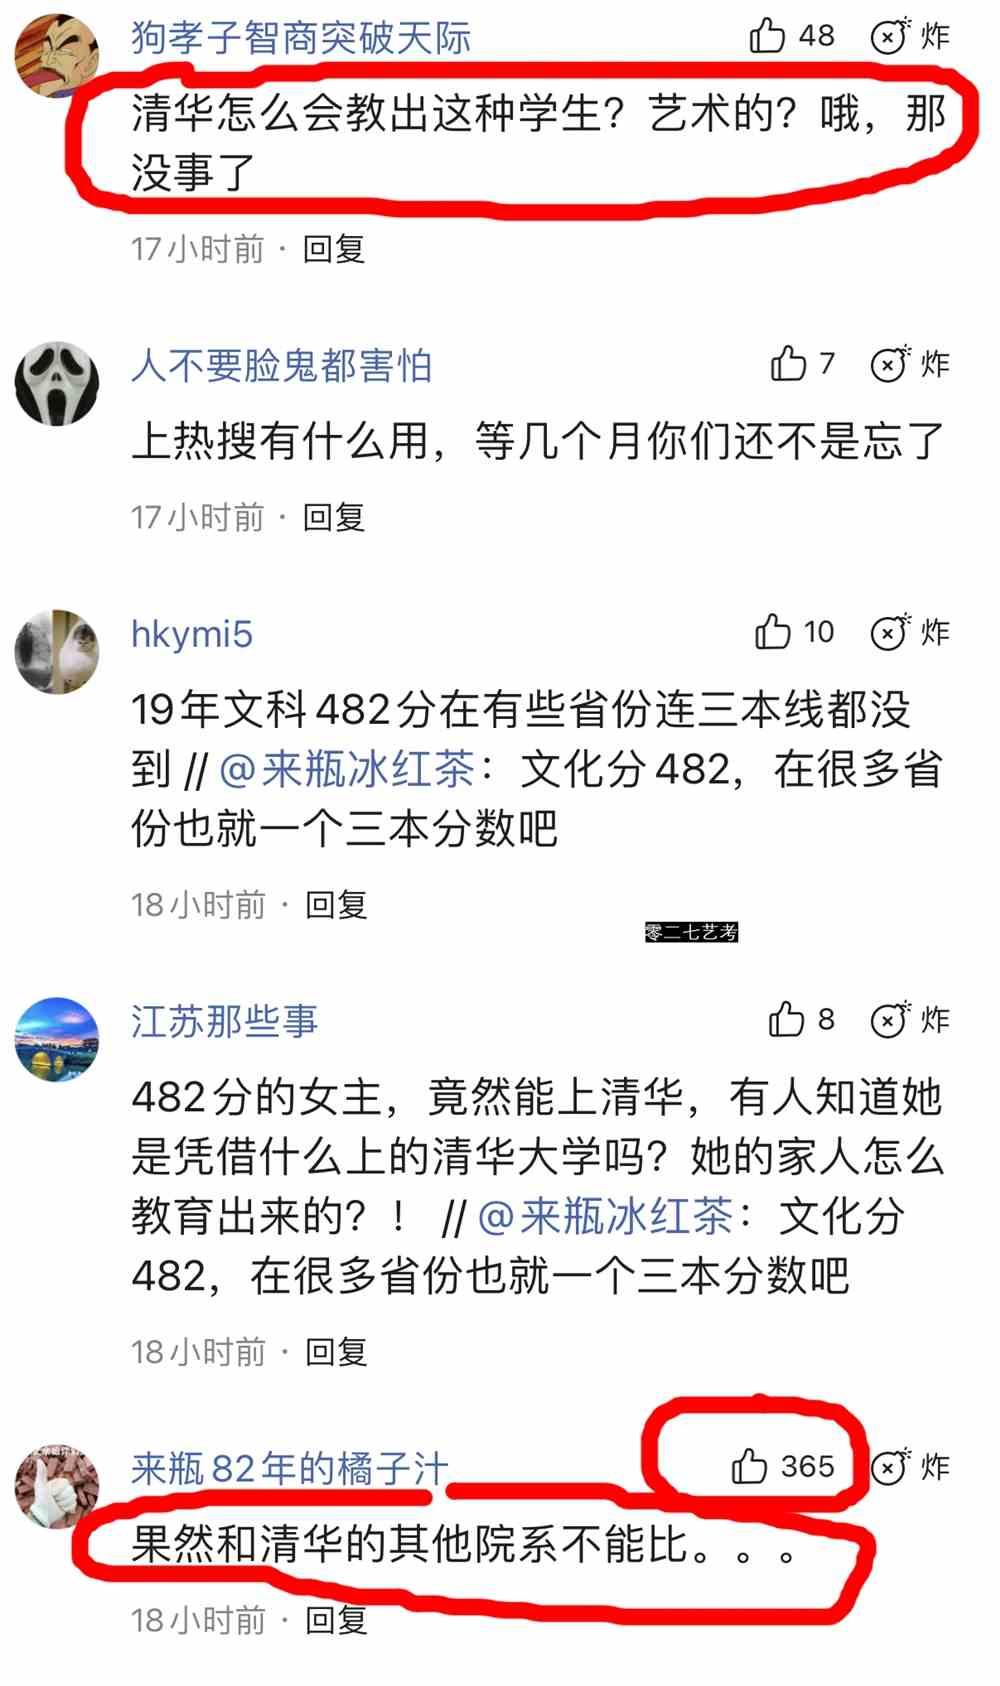 寰俊鍥剧墖_20201122130058.png